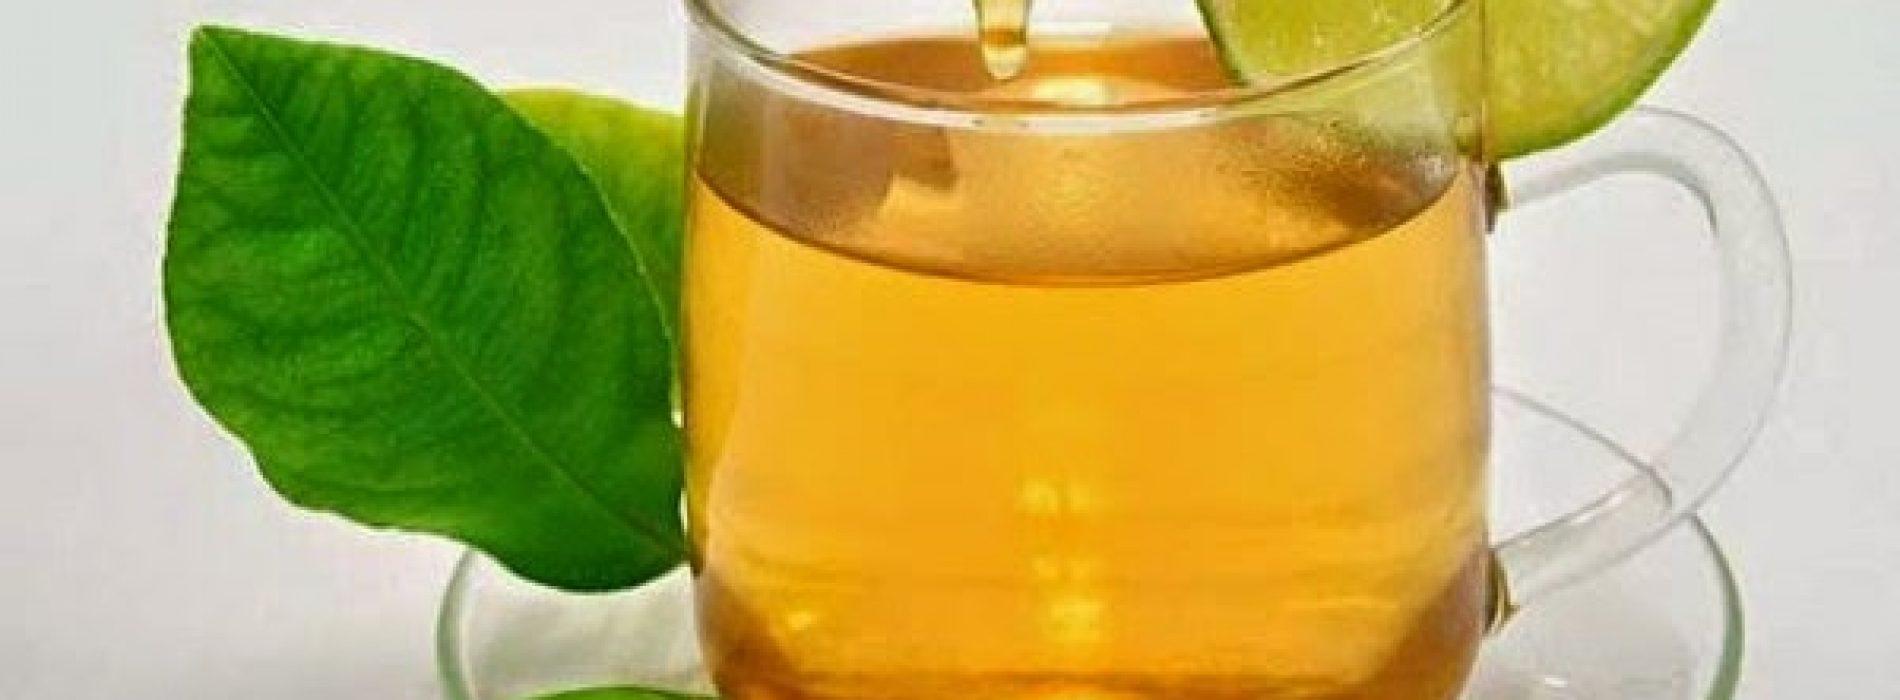 Ze dronk elke ochtend Water Met honing en citroen voor een jaar. Hier is wat er daarna is gebeurd